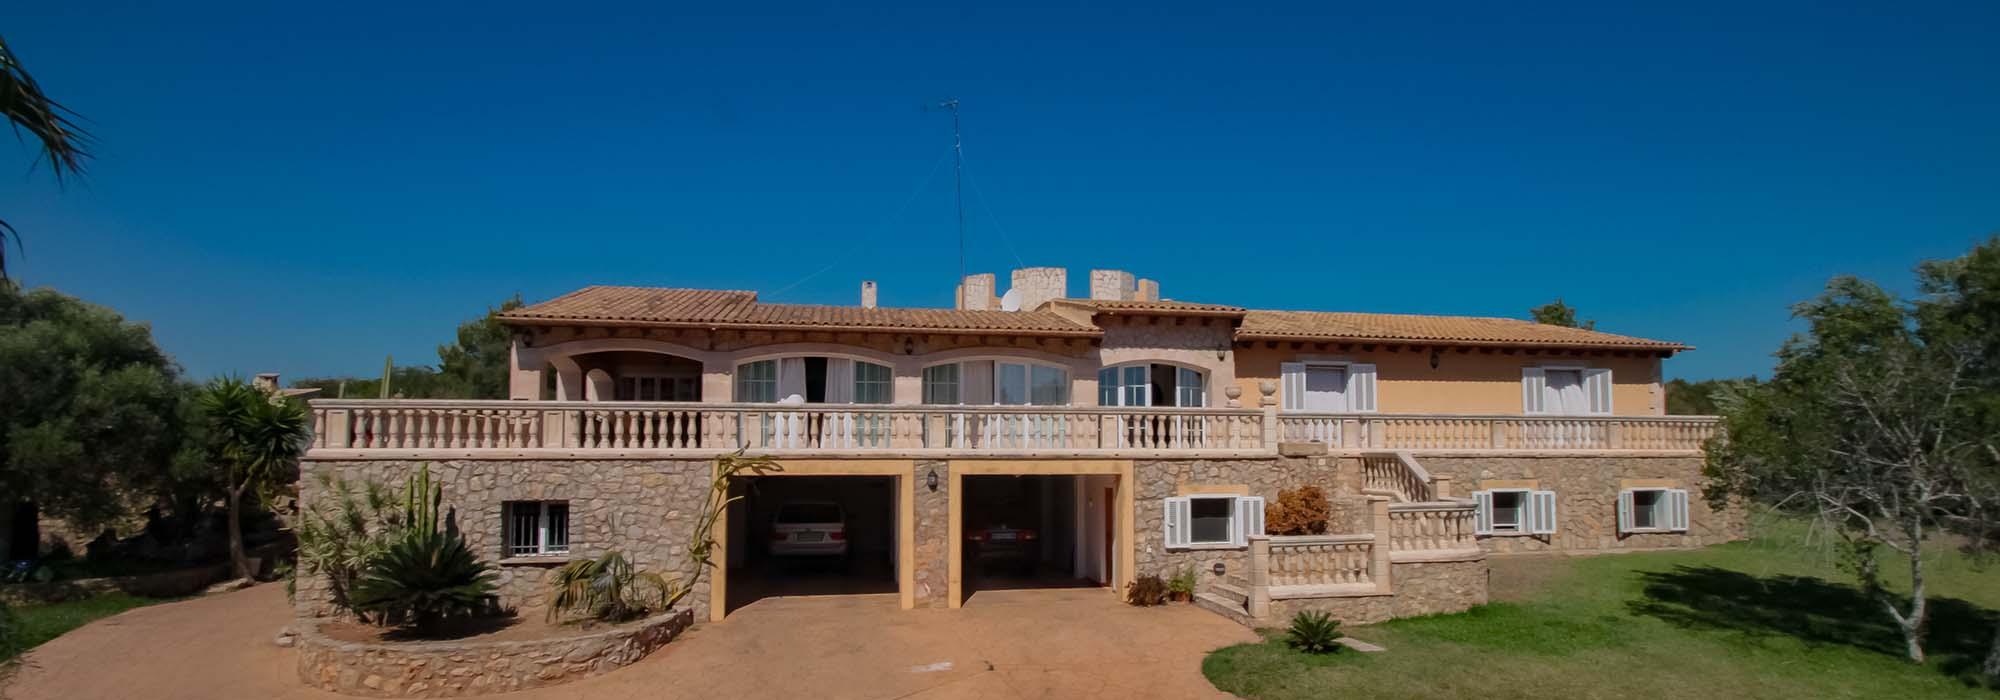 Ruhig gelegene Finca in Cala Bona mit Gästeapartment, Gästehaus, Pool und Sommerküche